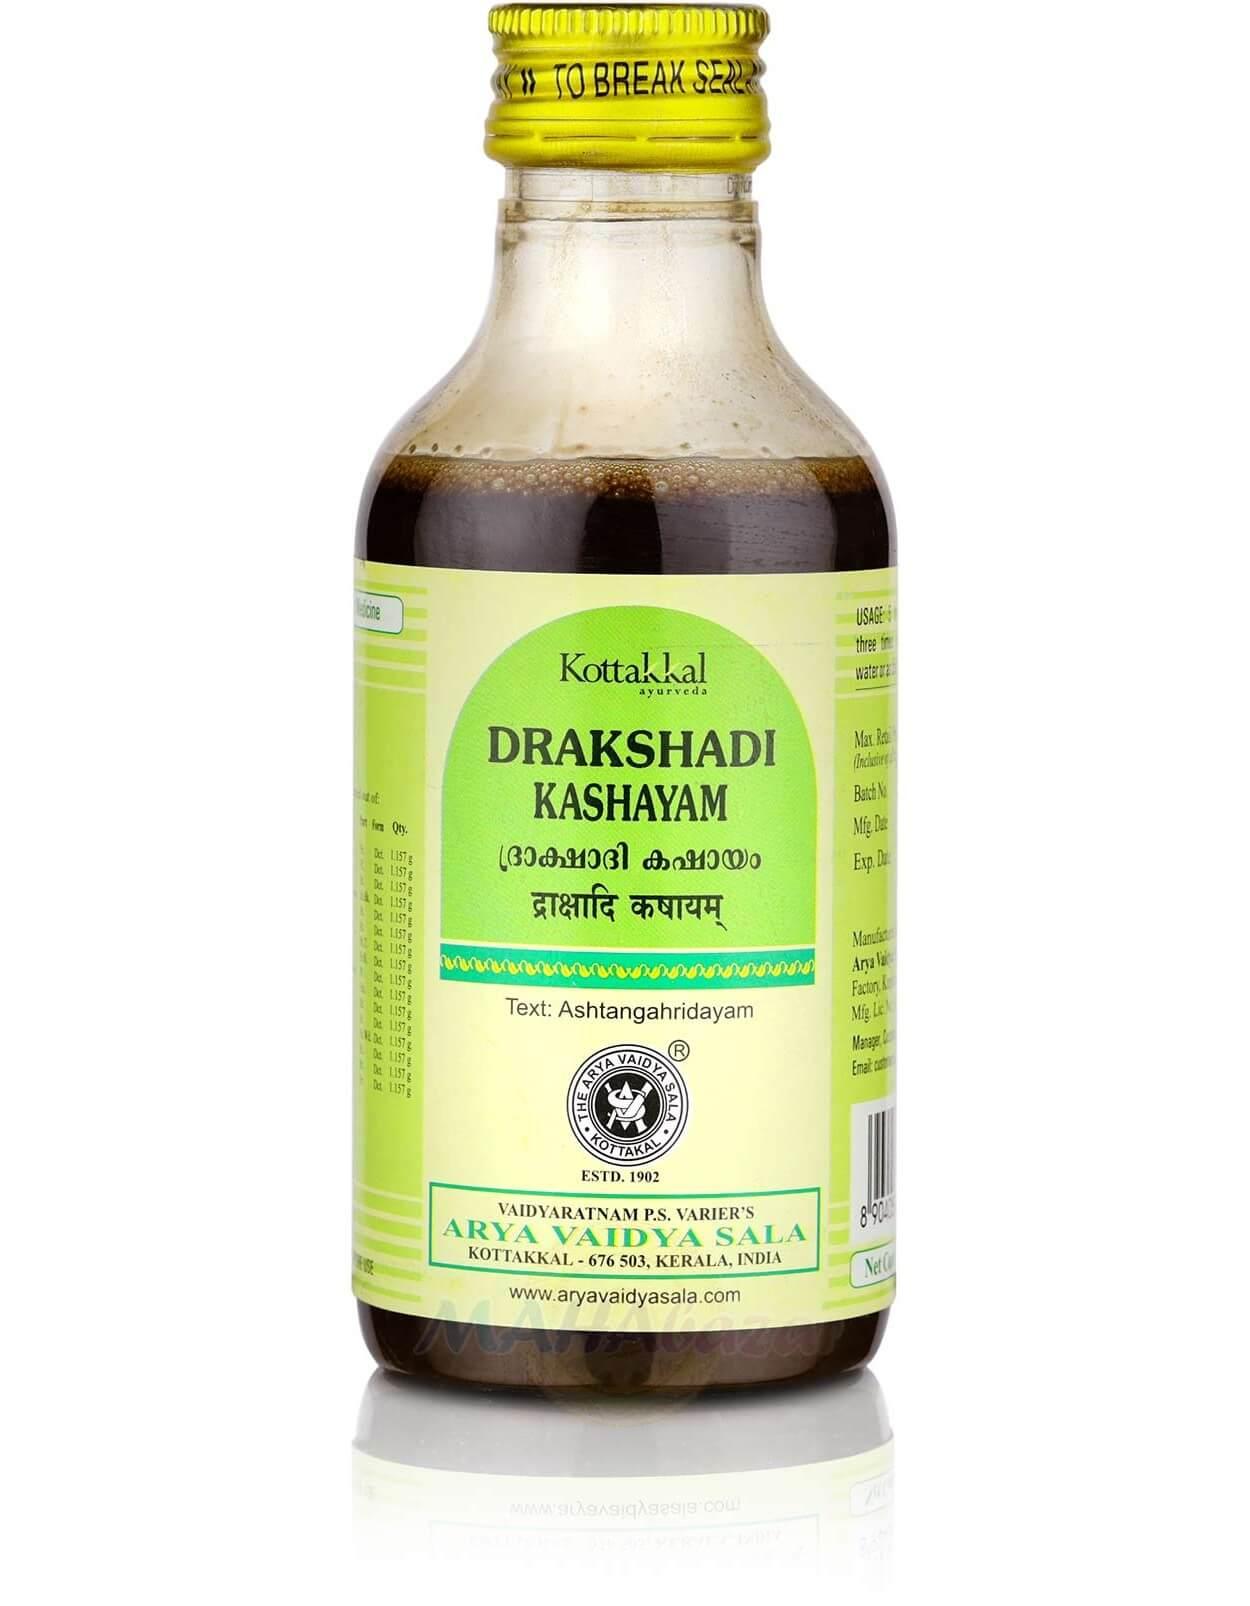 Drakshadi Kashayam